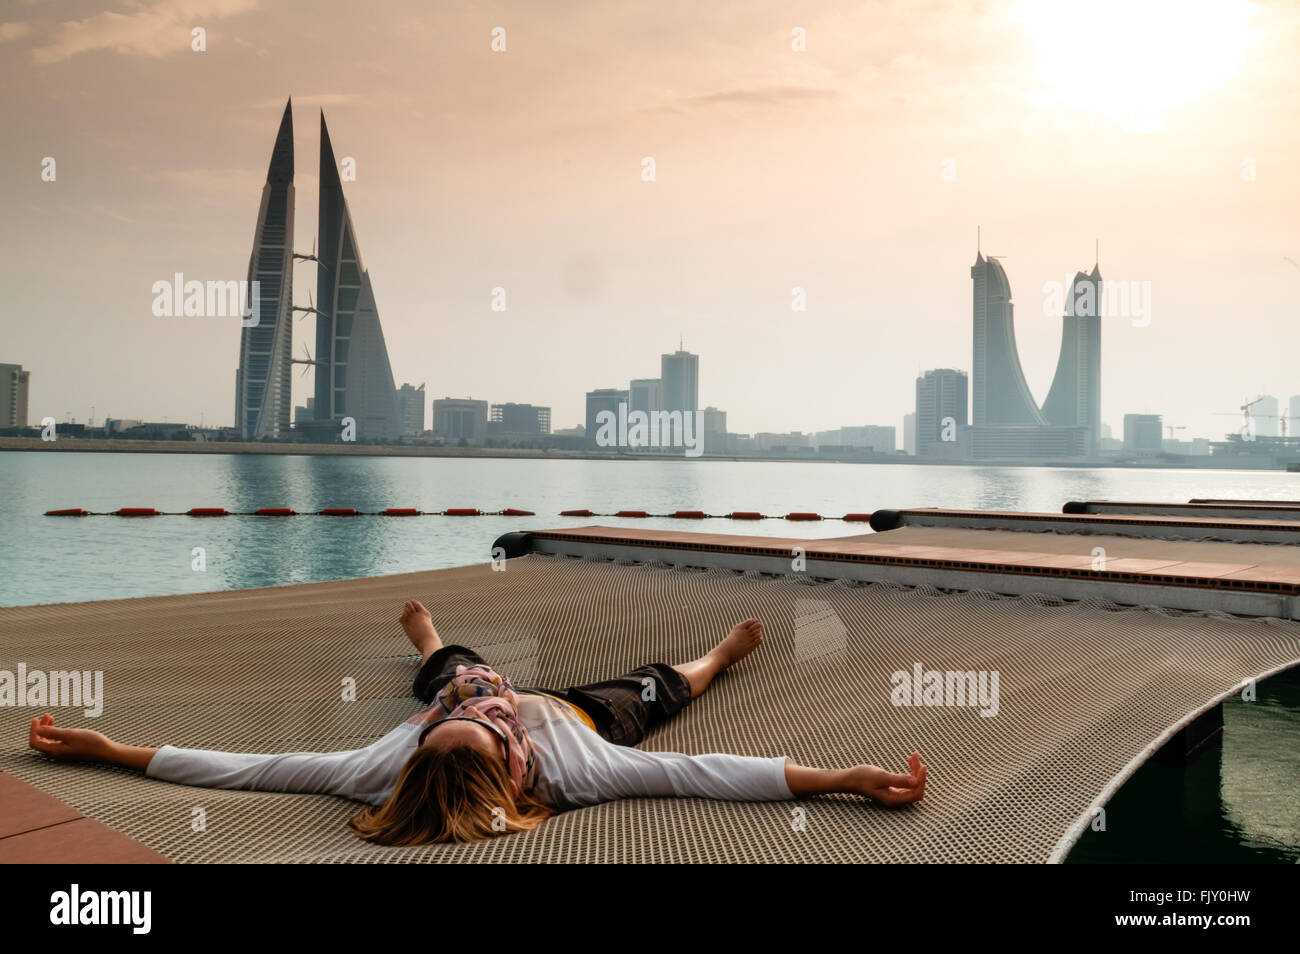 Donna sdraiata sulla Net presso il molo contro Sky Immagini Stock